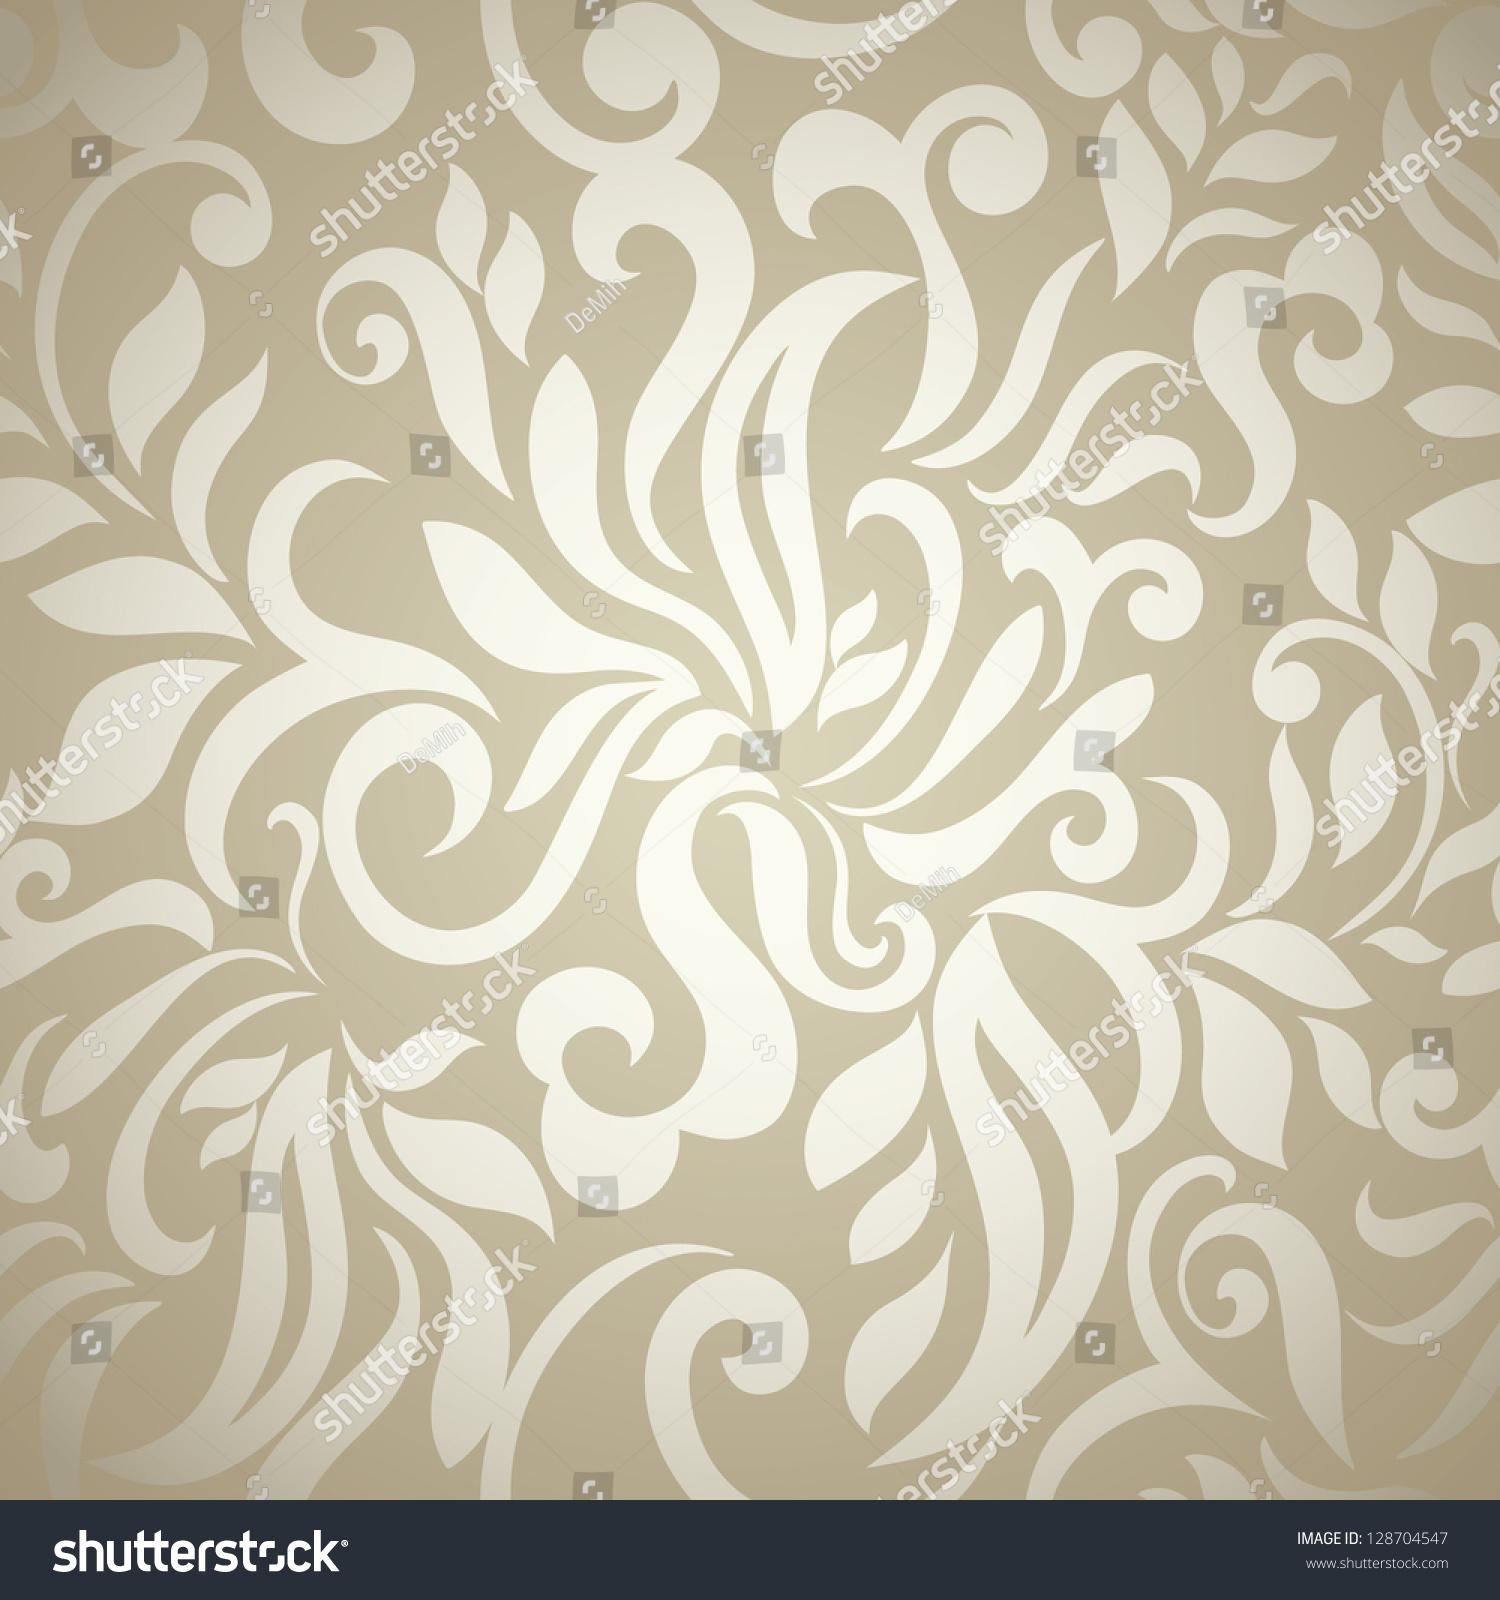 Abstract Floral Wallpaper Goldenbeige Light Design Stock Vector